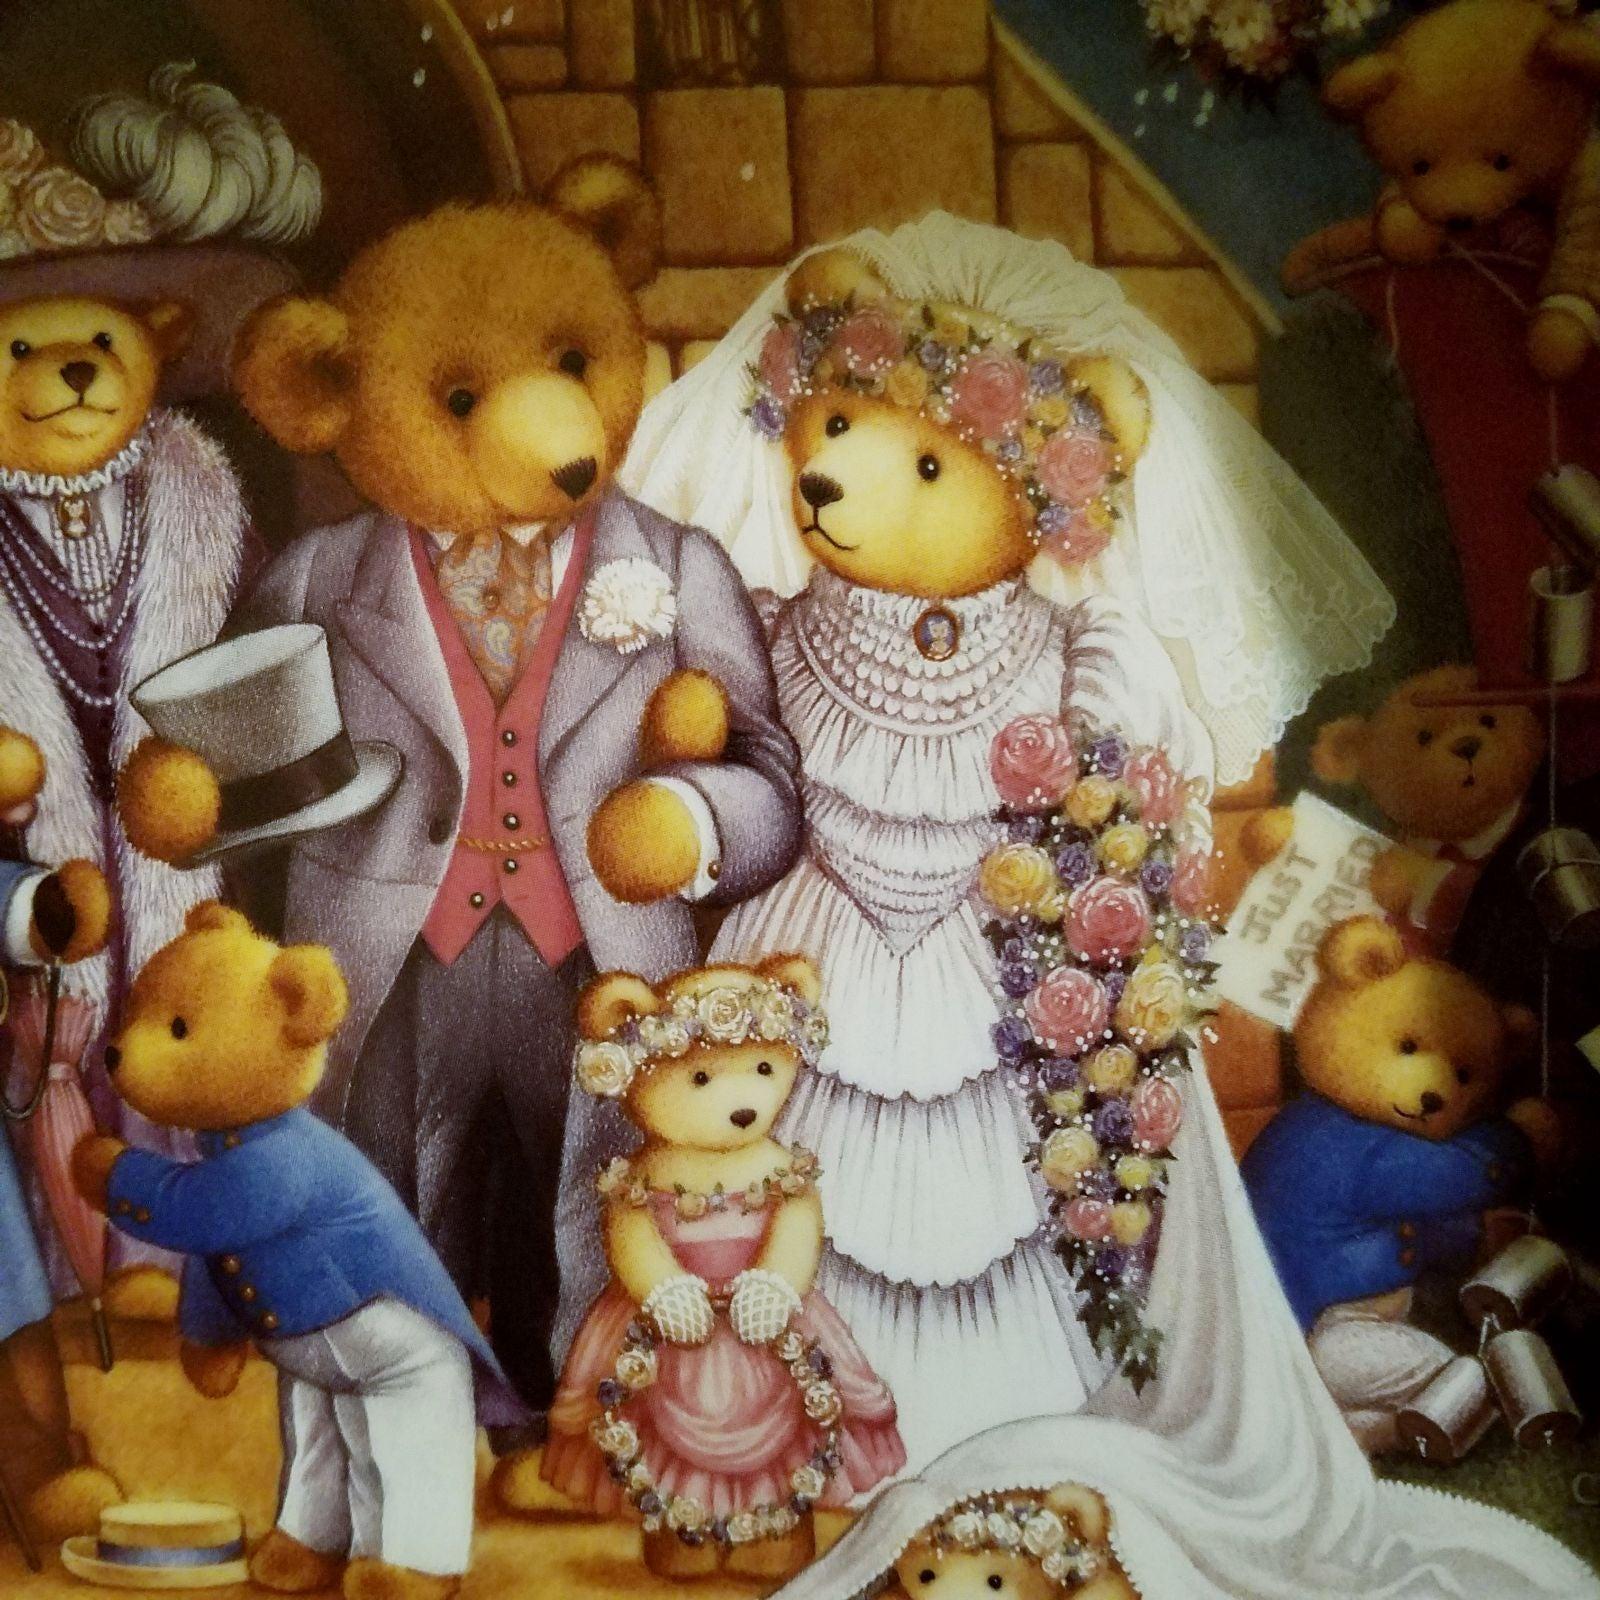 Franklin Mint plate, Teddy bear wedding